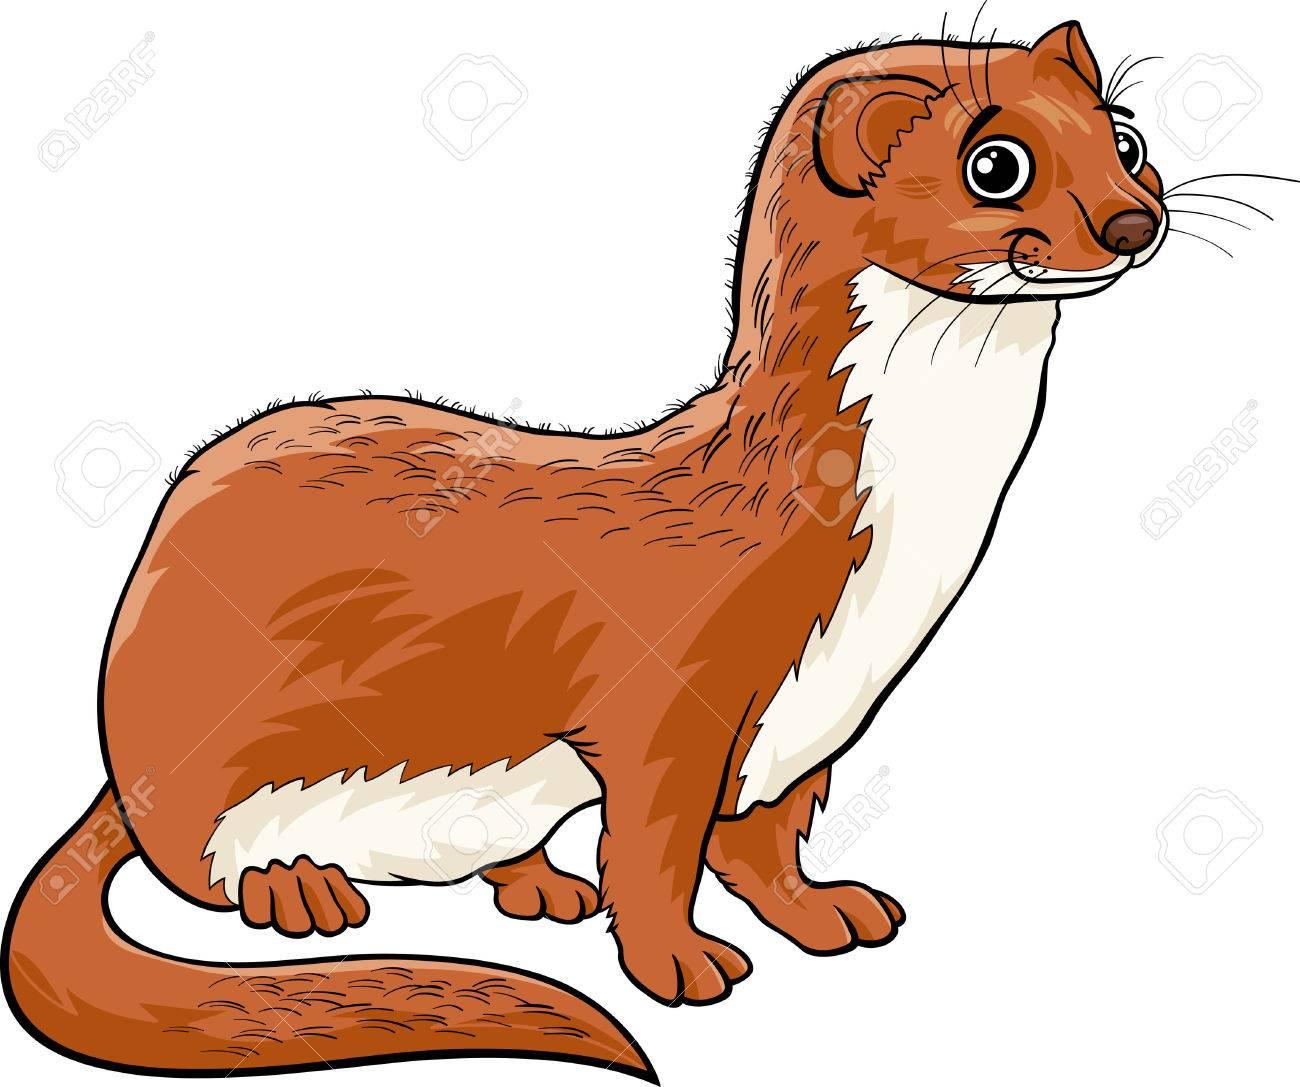 かわいいイタチ動物の漫画イラストのイラスト素材ベクタ Image 29032460